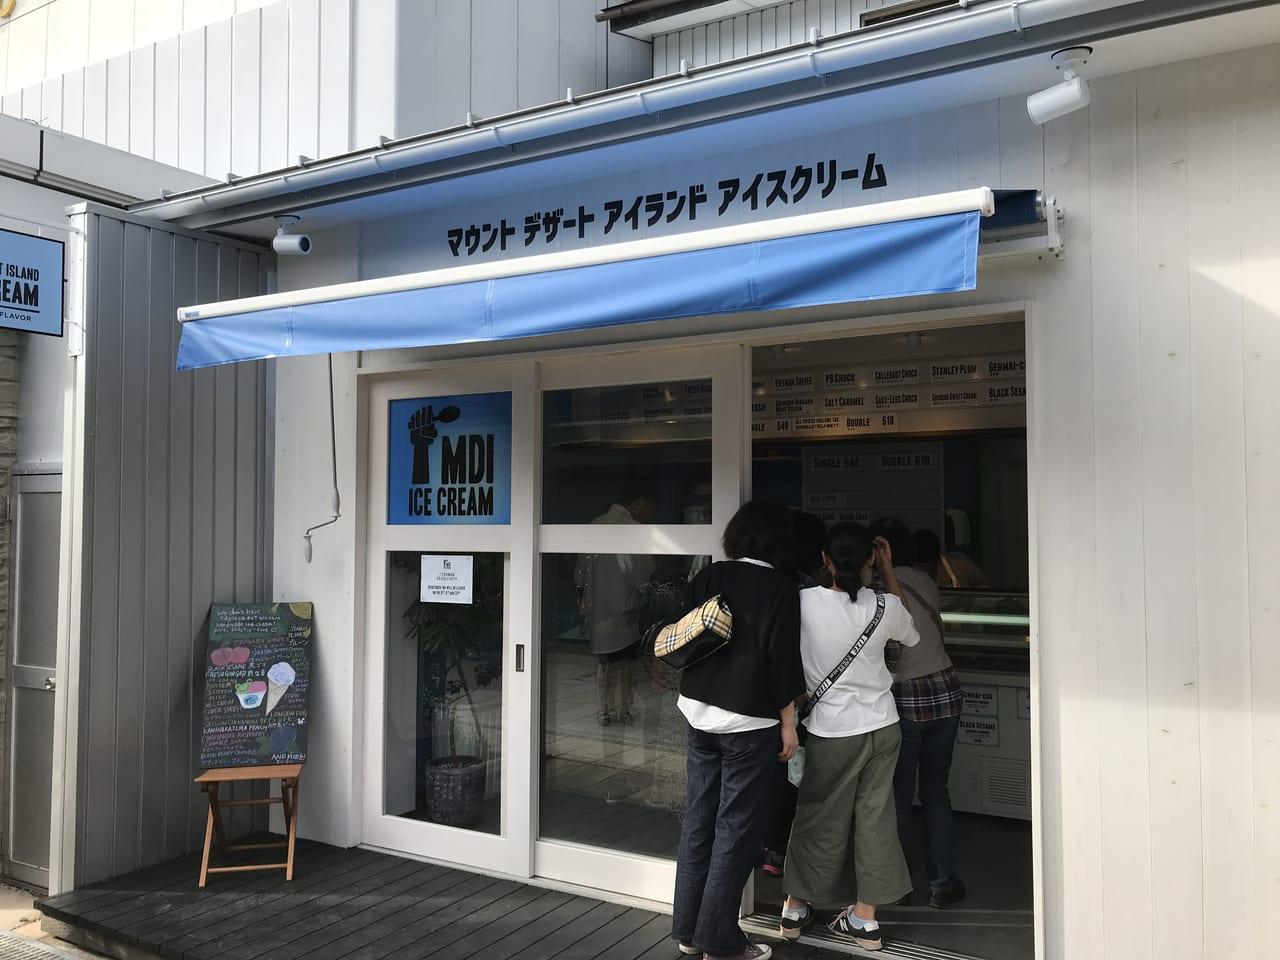 松本市MDIアイスクリーム